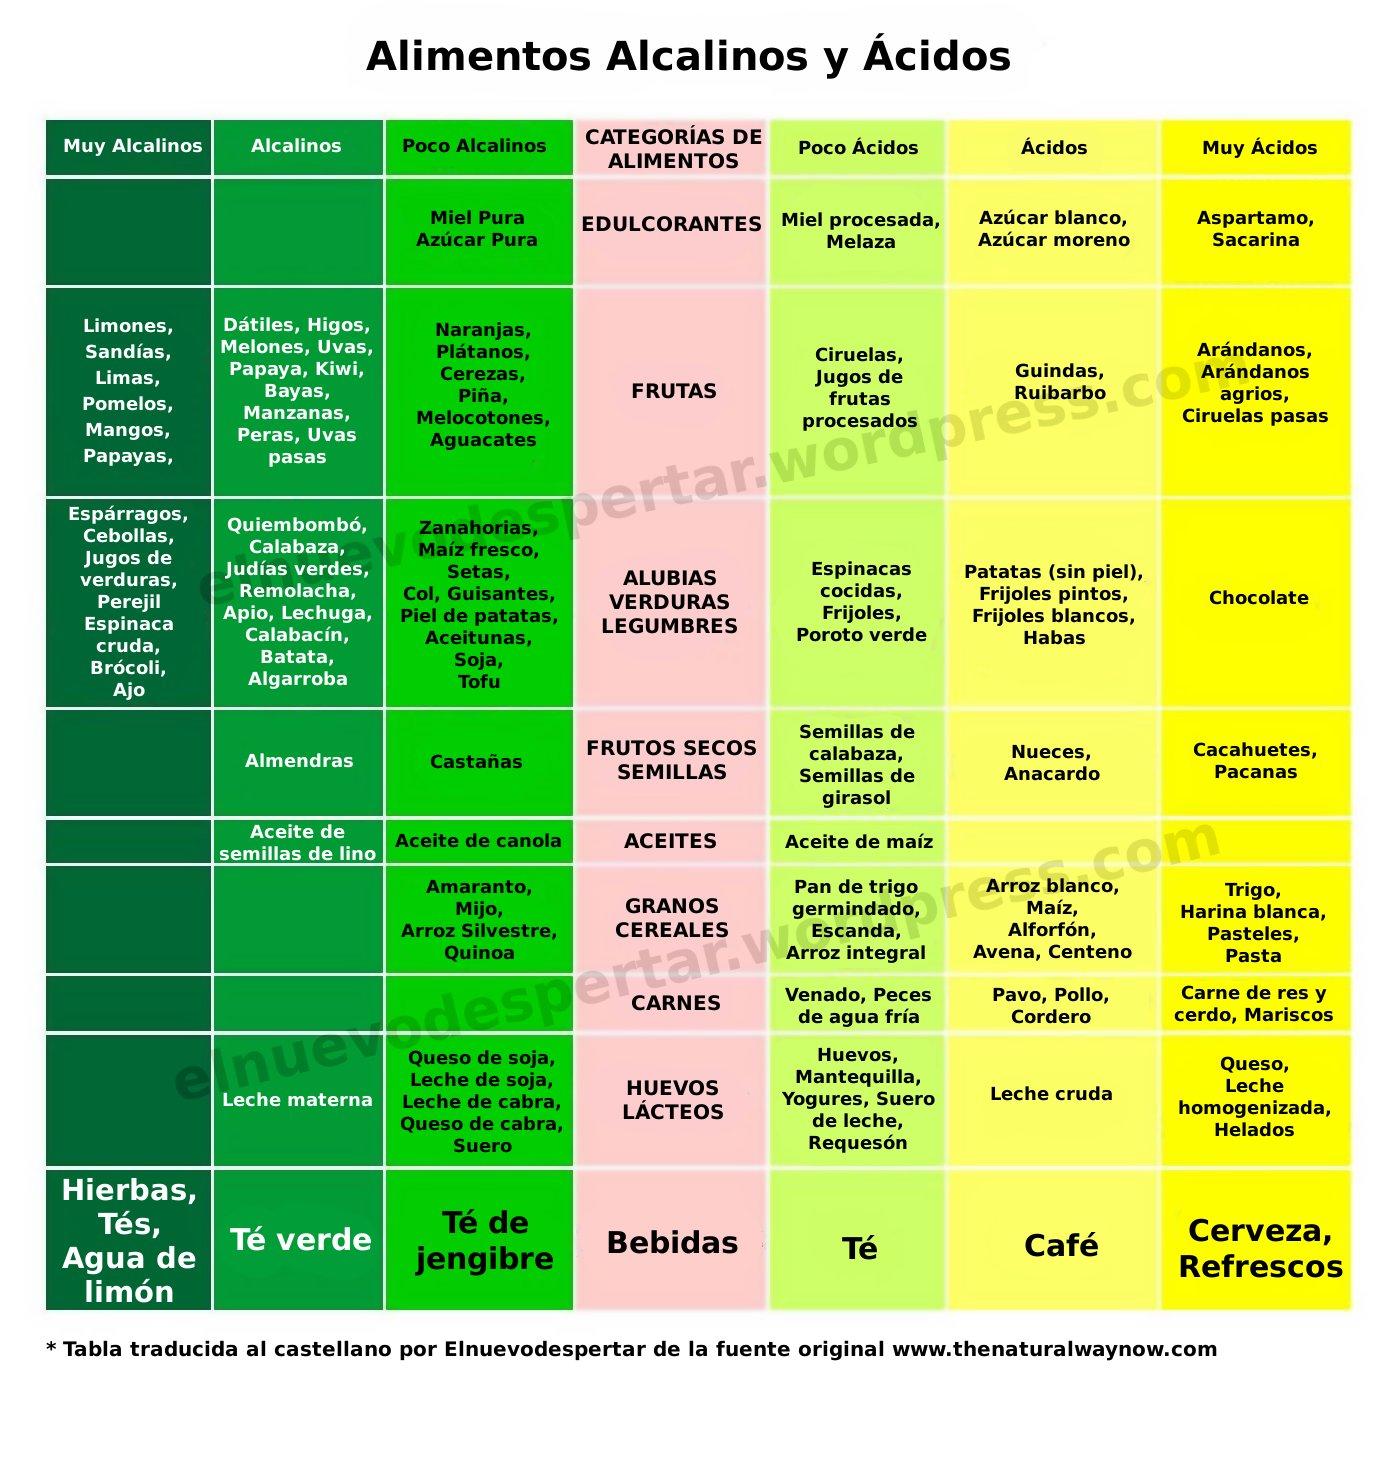 los alimentos alcalinos y acidos